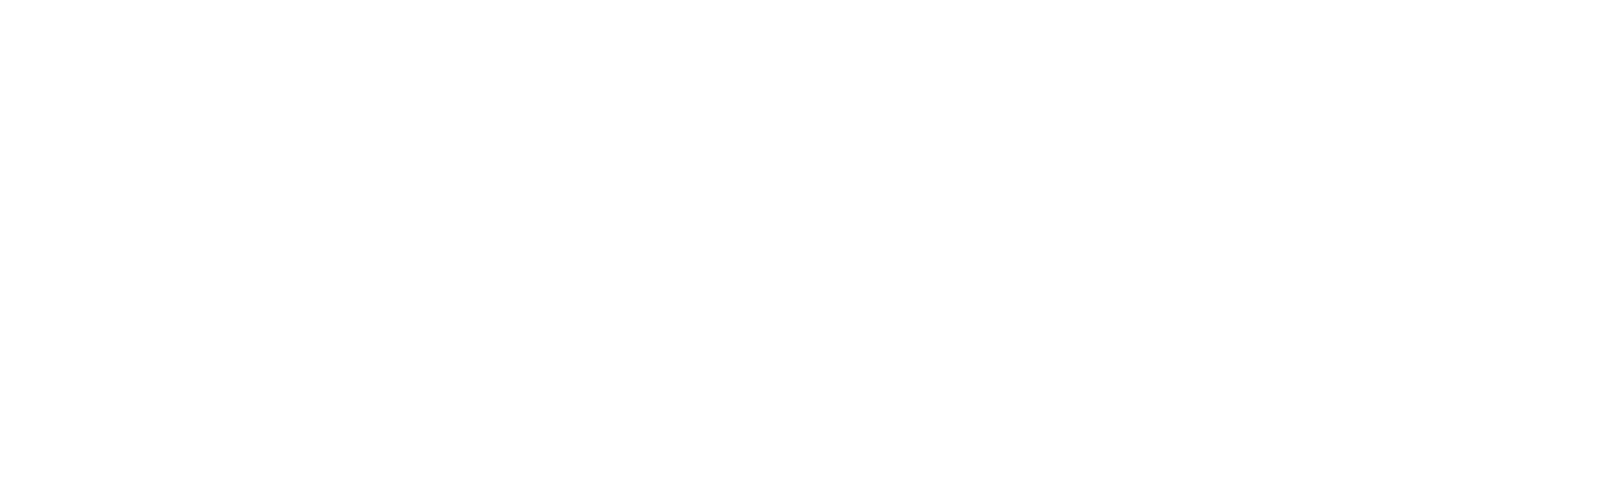 Keany